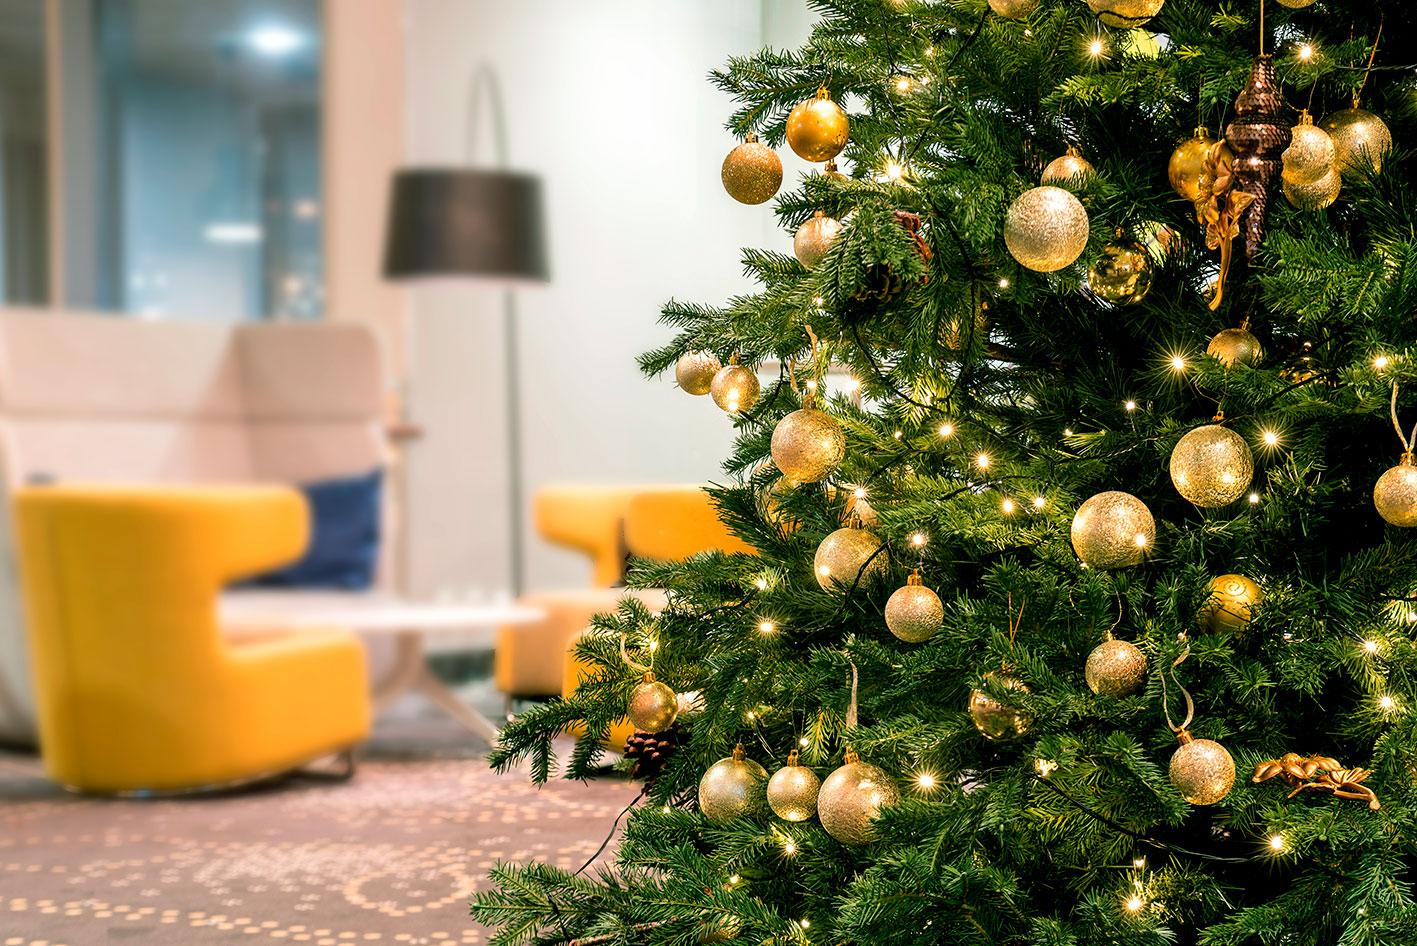 Immagini Alberi Di Natale.Albero Di Natale Vero Quale Tipologia Scegliere Officina Del Verde